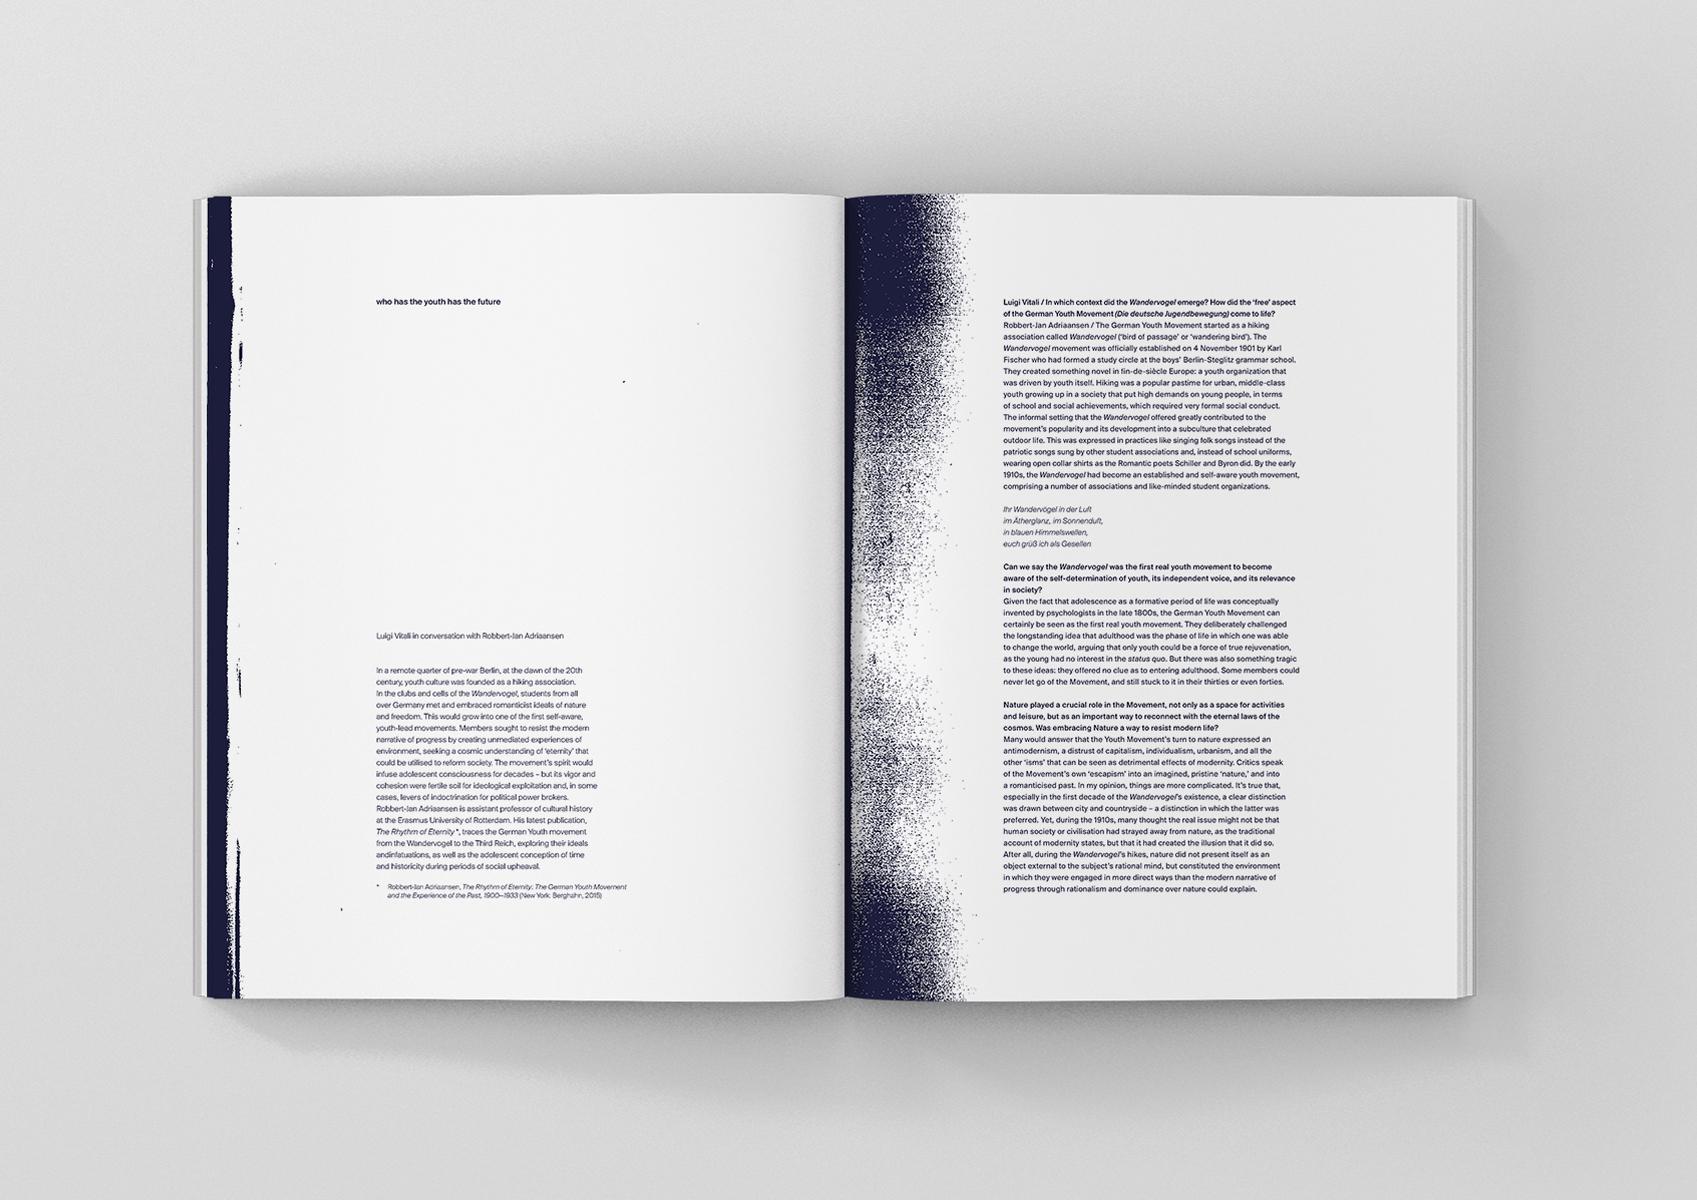 nicoletta-dalfino-dust-magazine-11-spread4